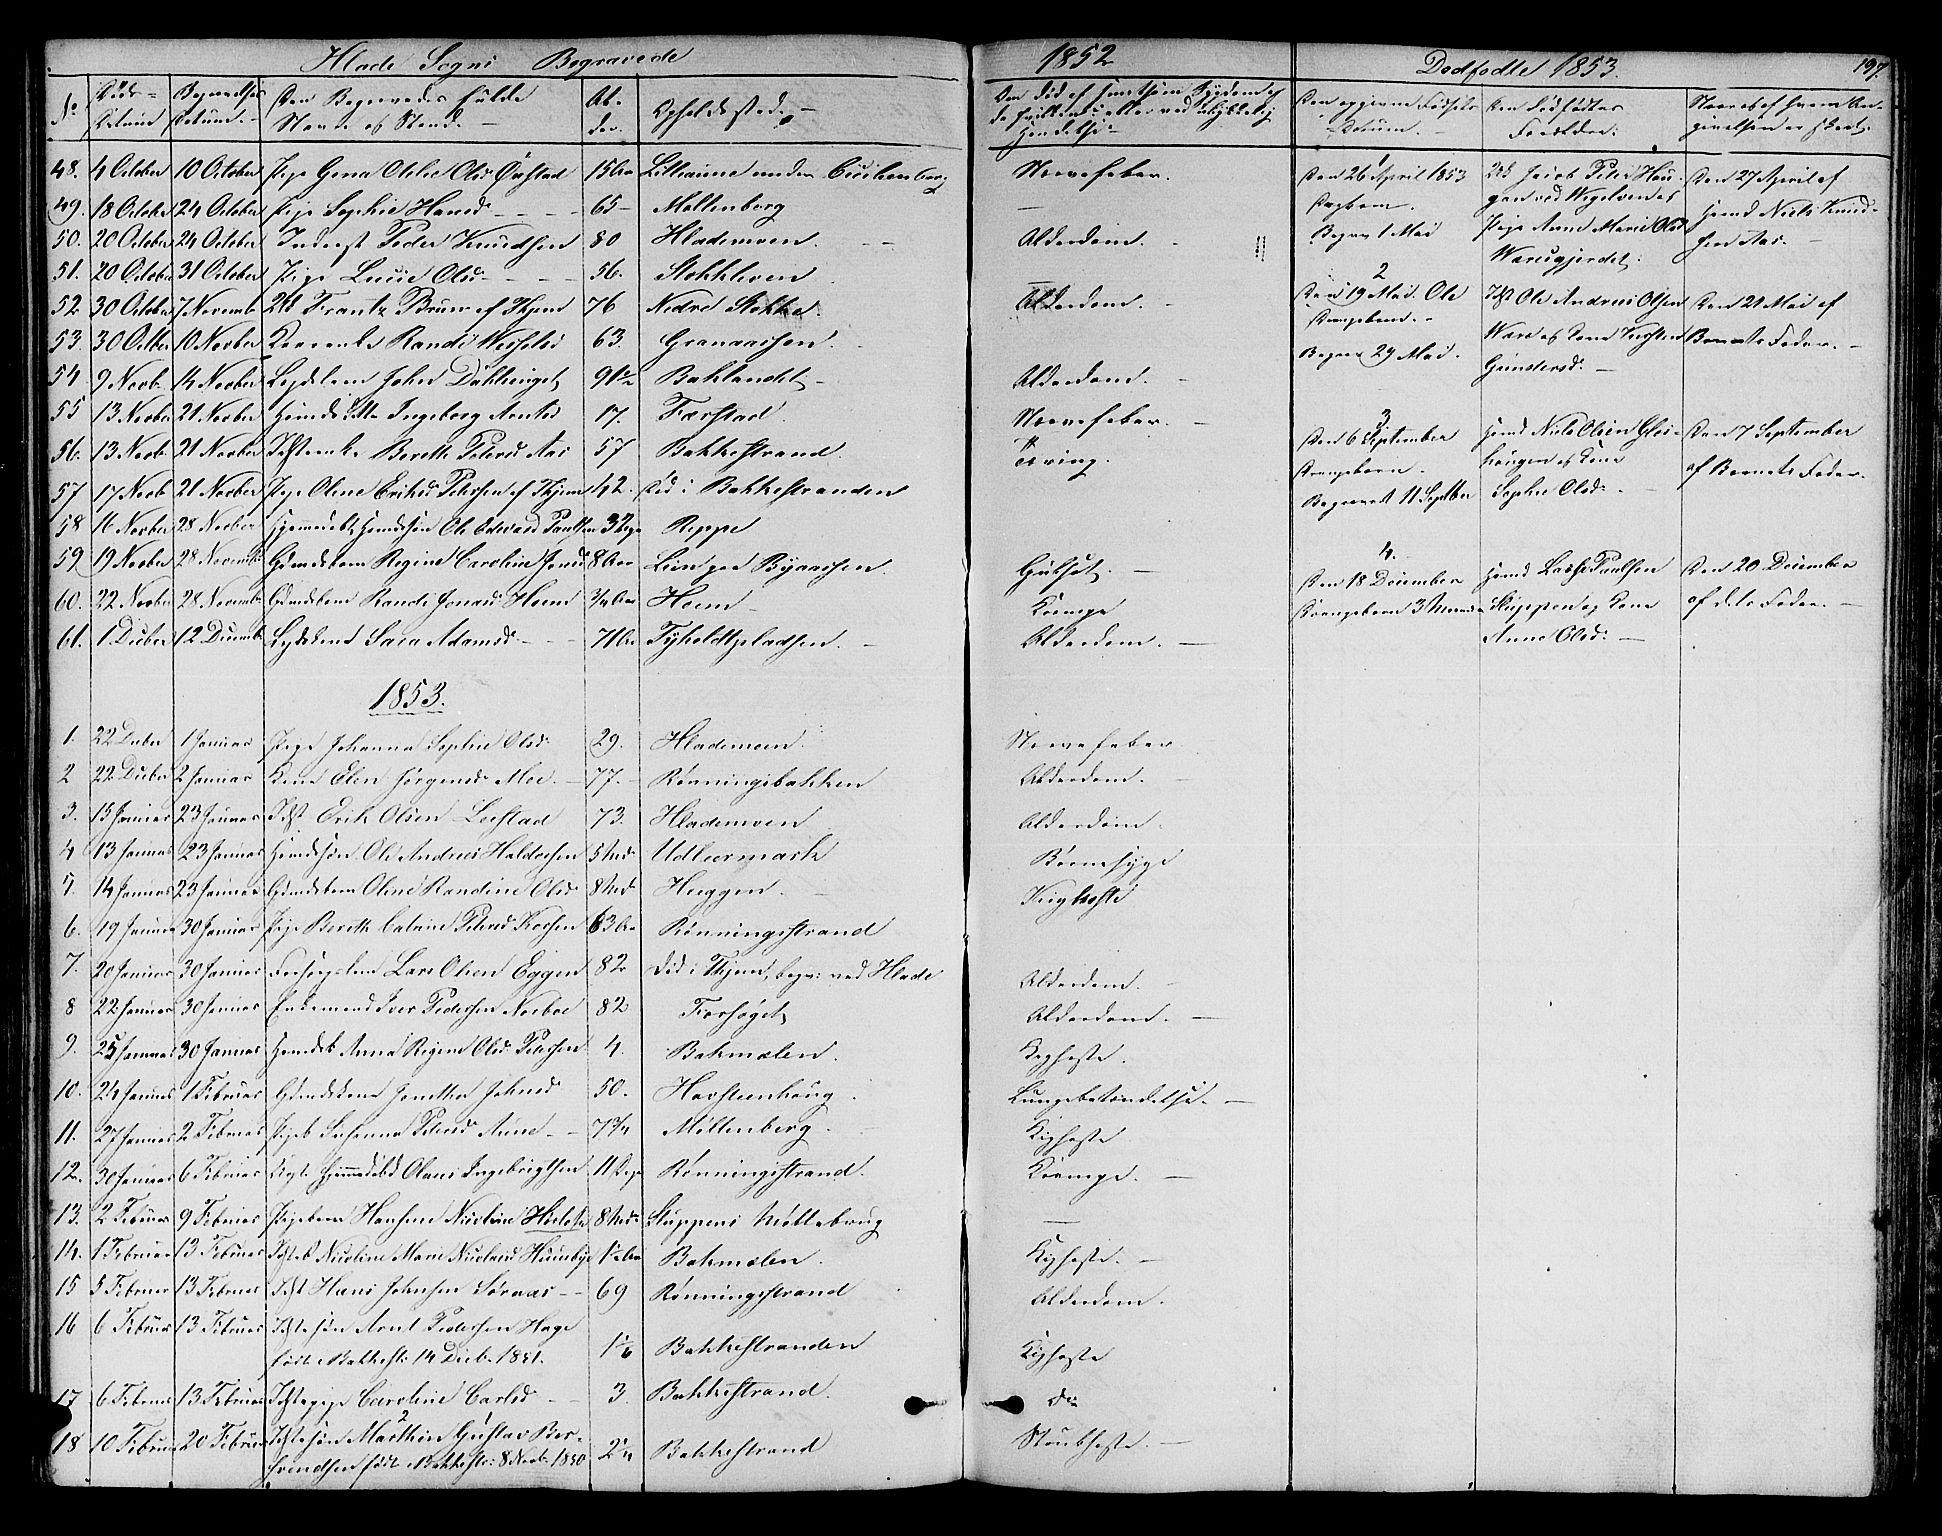 SAT, Ministerialprotokoller, klokkerbøker og fødselsregistre - Sør-Trøndelag, 606/L0310: Klokkerbok nr. 606C06, 1850-1859, s. 197